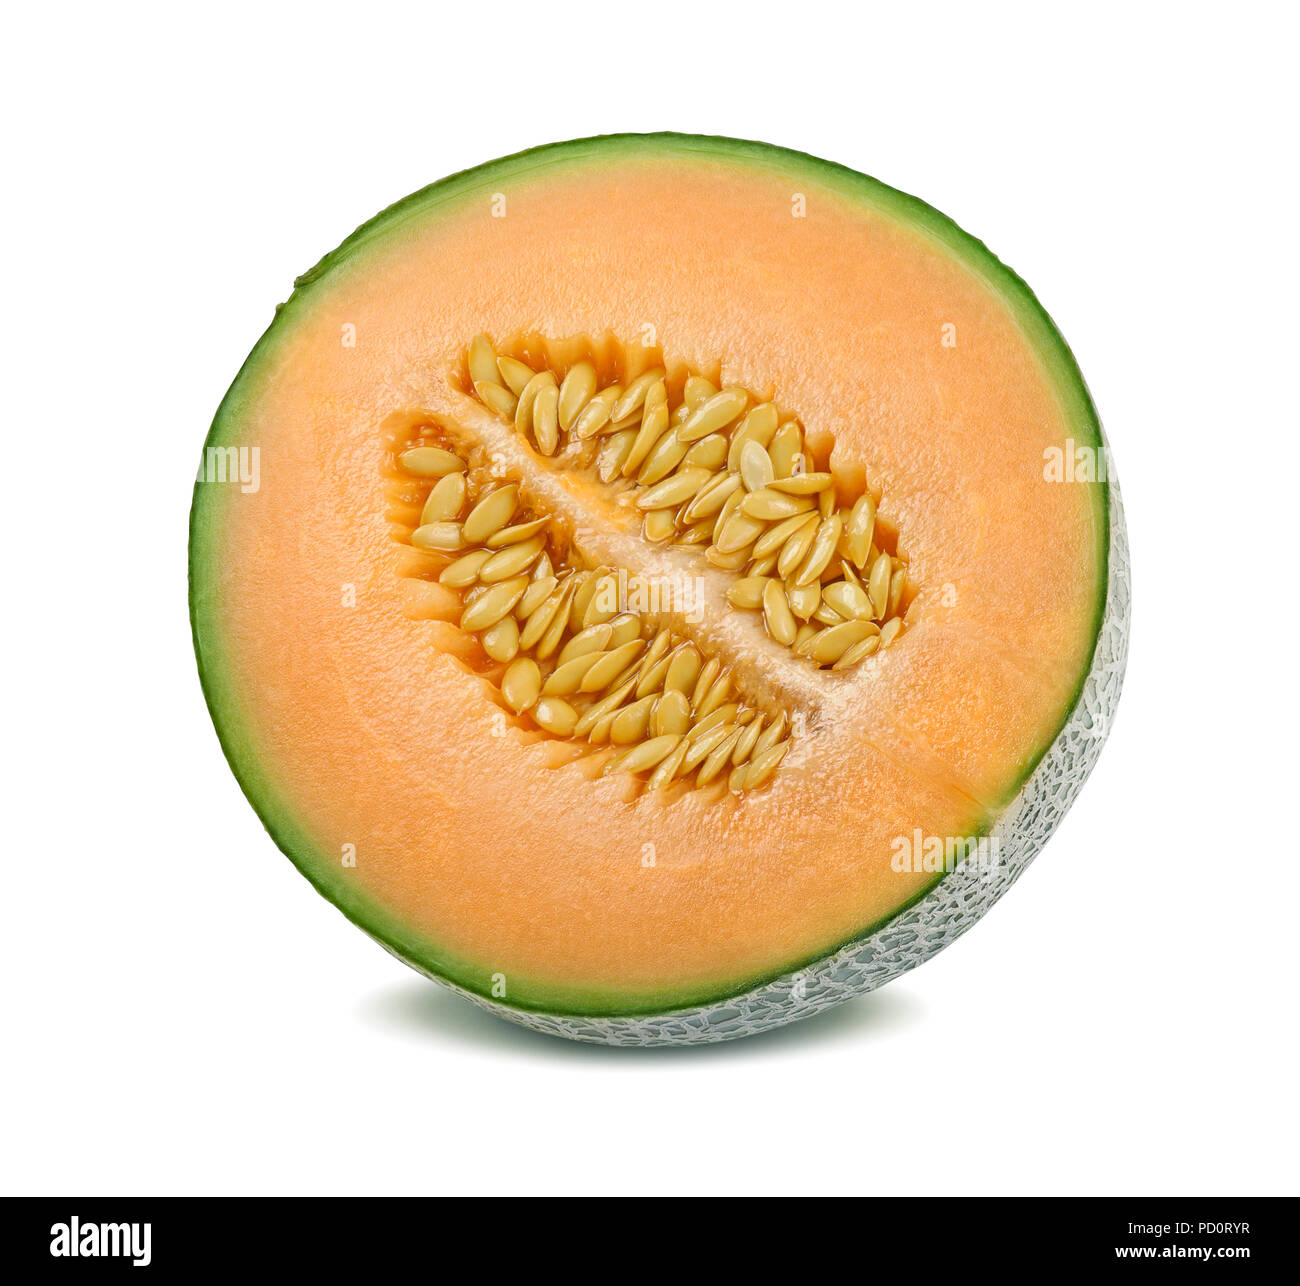 Cantaloupe melon half split isolated on white background - Stock Image